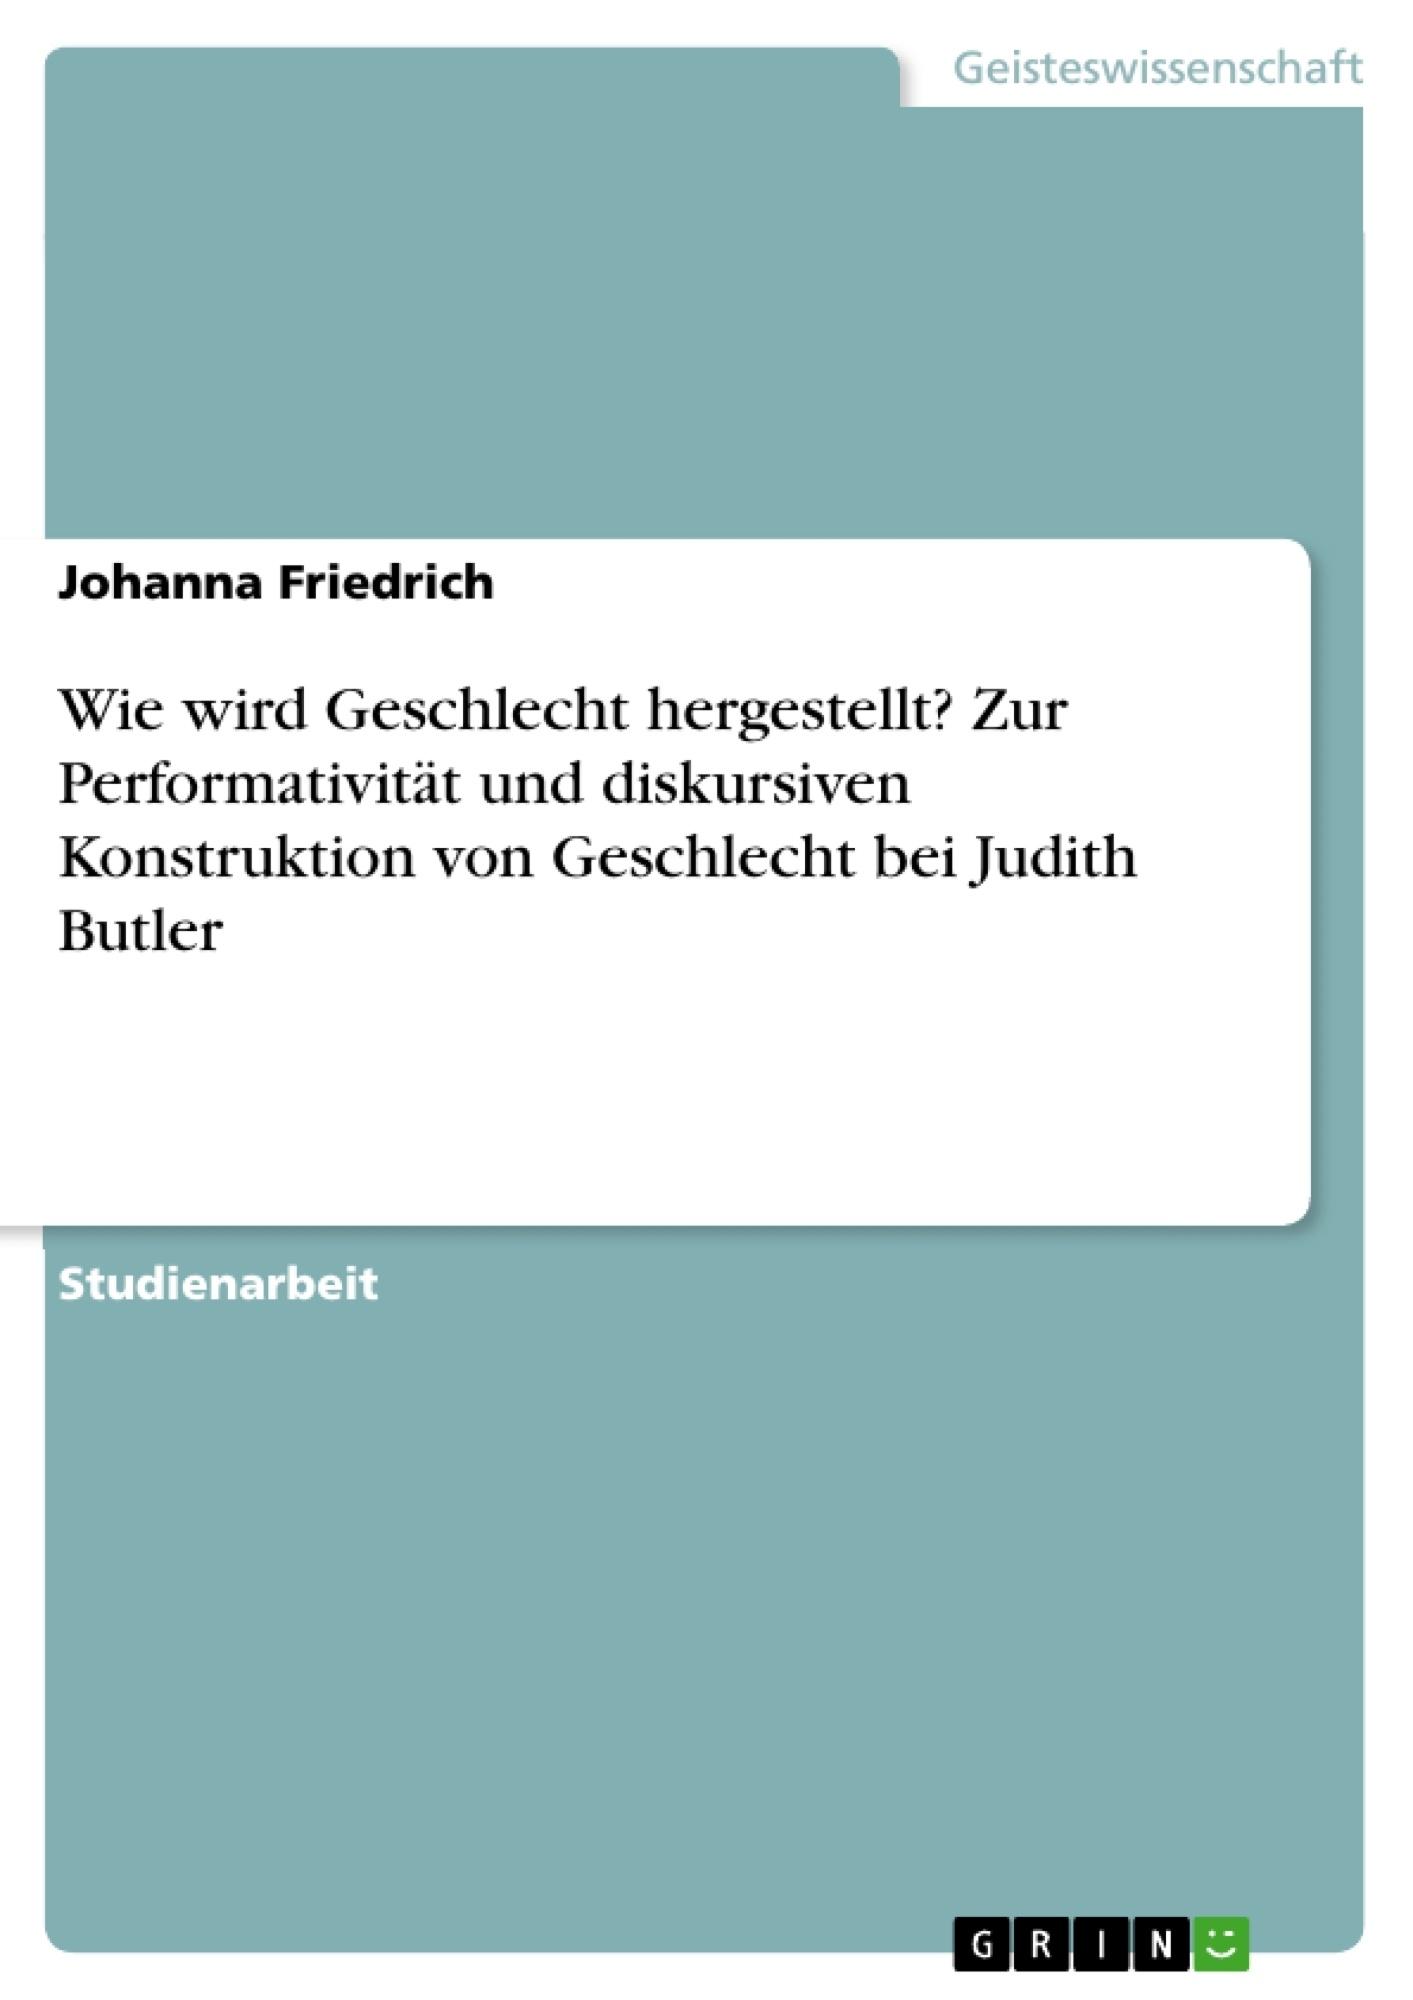 Titel: Wie wird Geschlecht hergestellt? Zur Performativität und diskursiven Konstruktion von Geschlecht bei Judith Butler